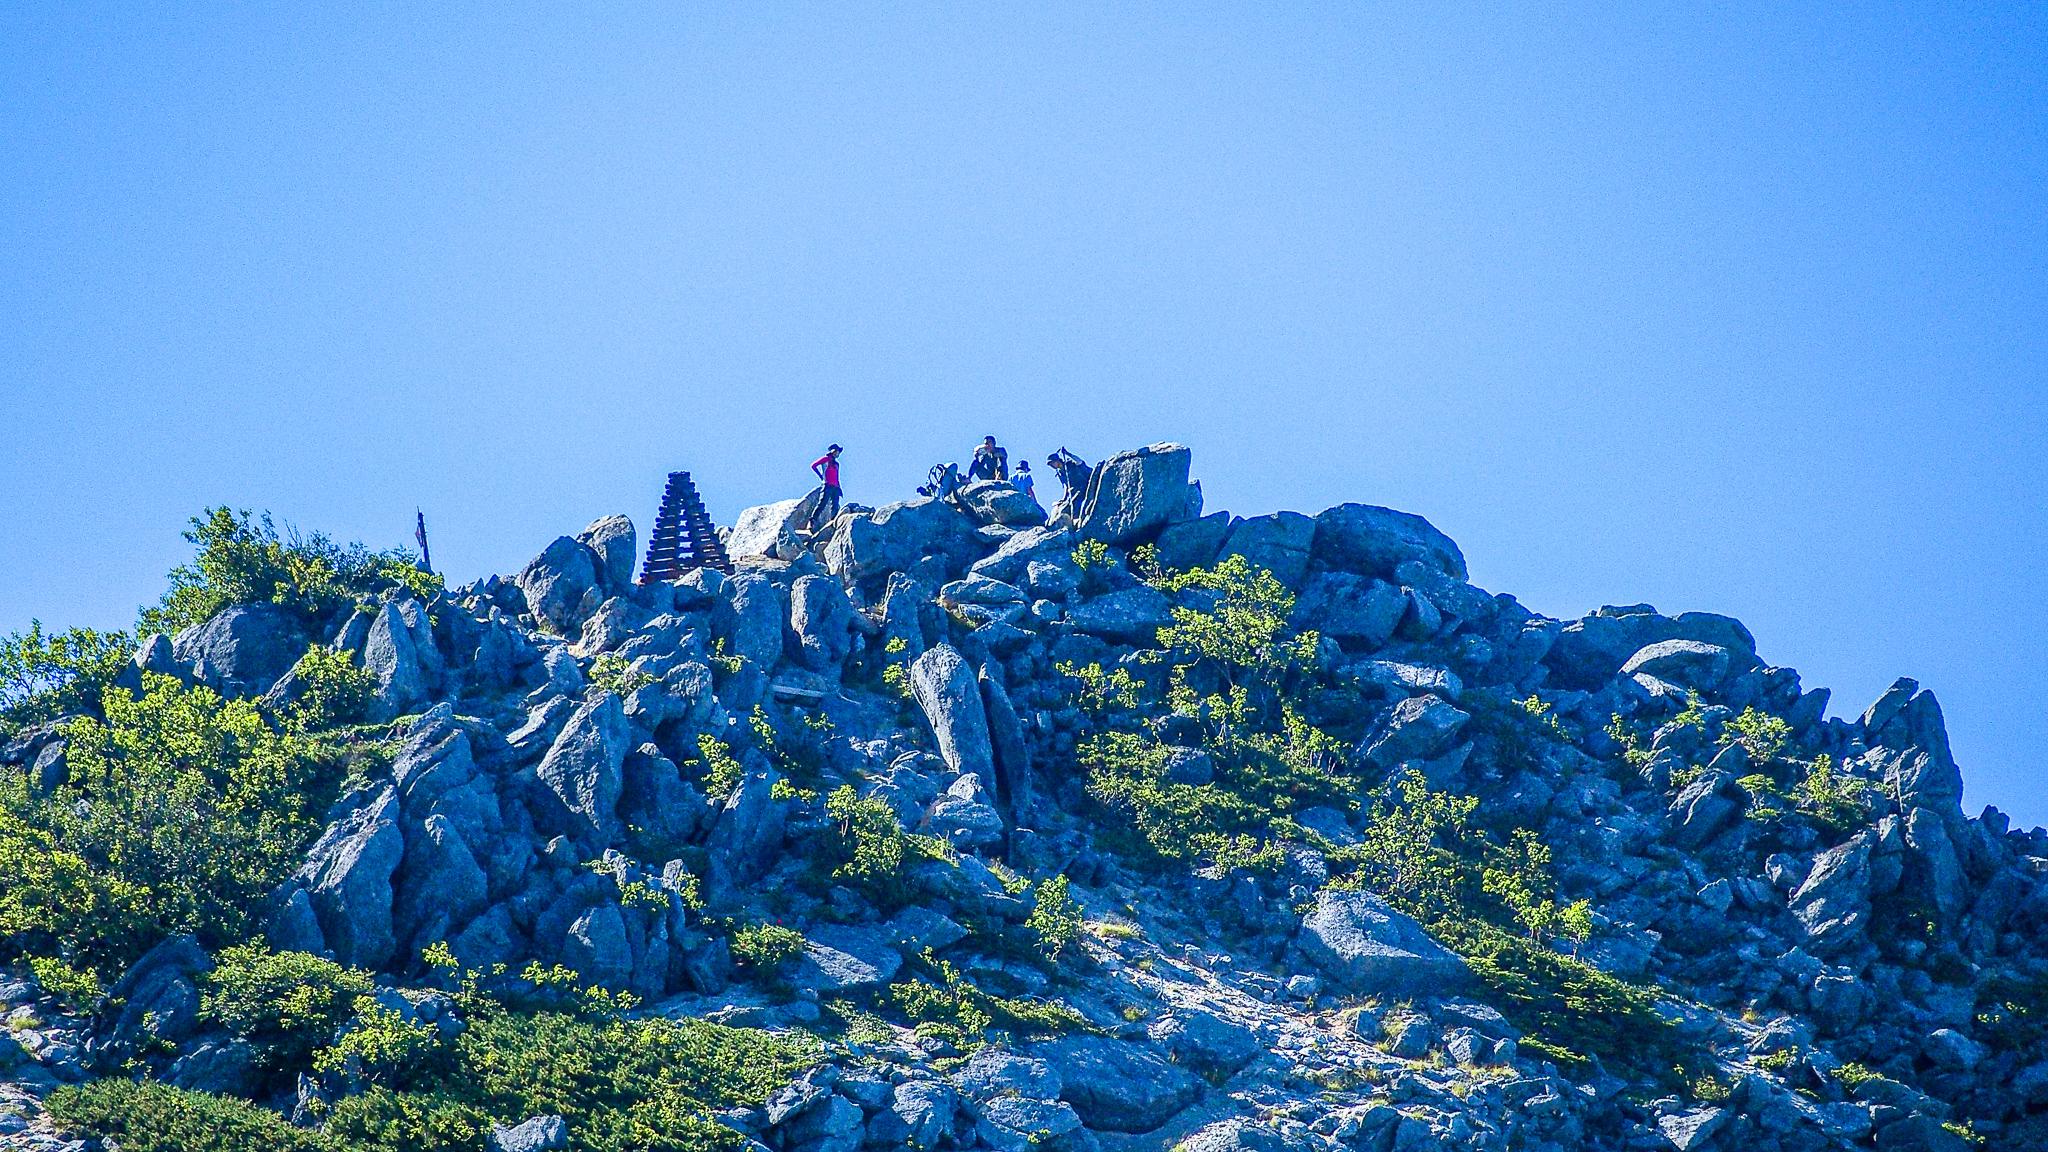 鳳凰三山・観音岳山頂